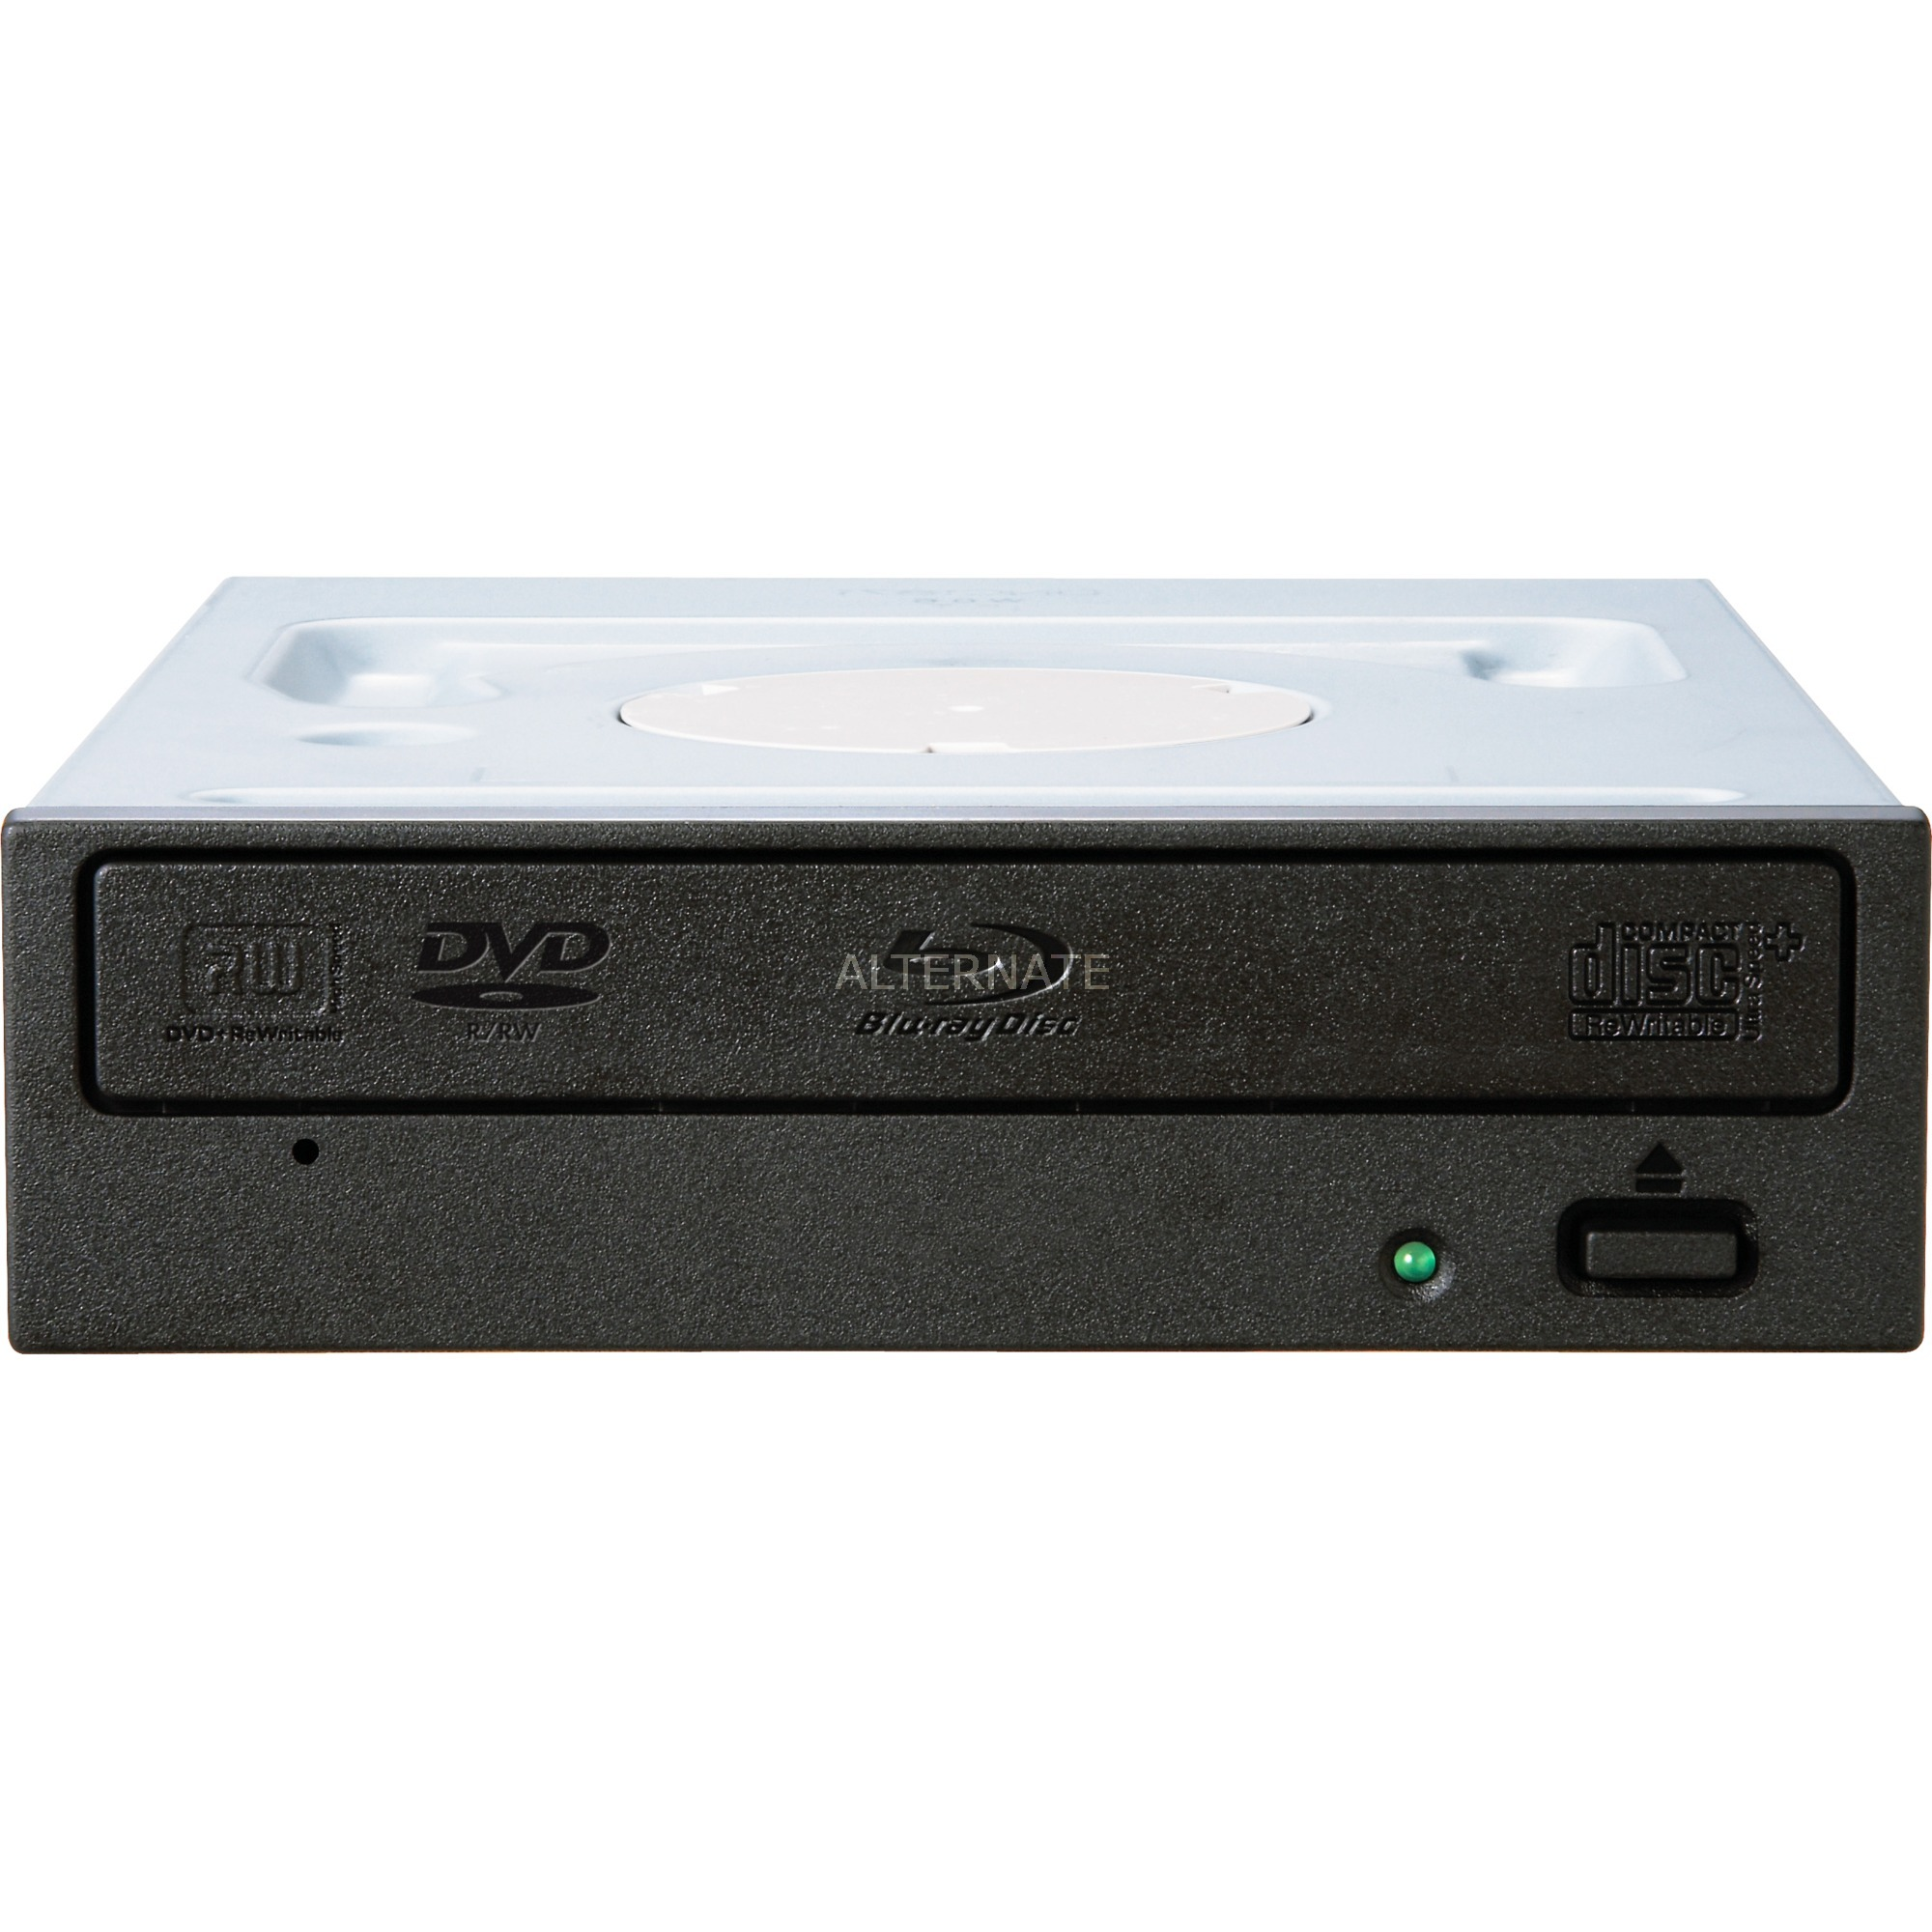 BDR-209EBK Interno Blu-Ray DVD Combo Negro unidad de disco óptico, Regrabadora Blu-ray